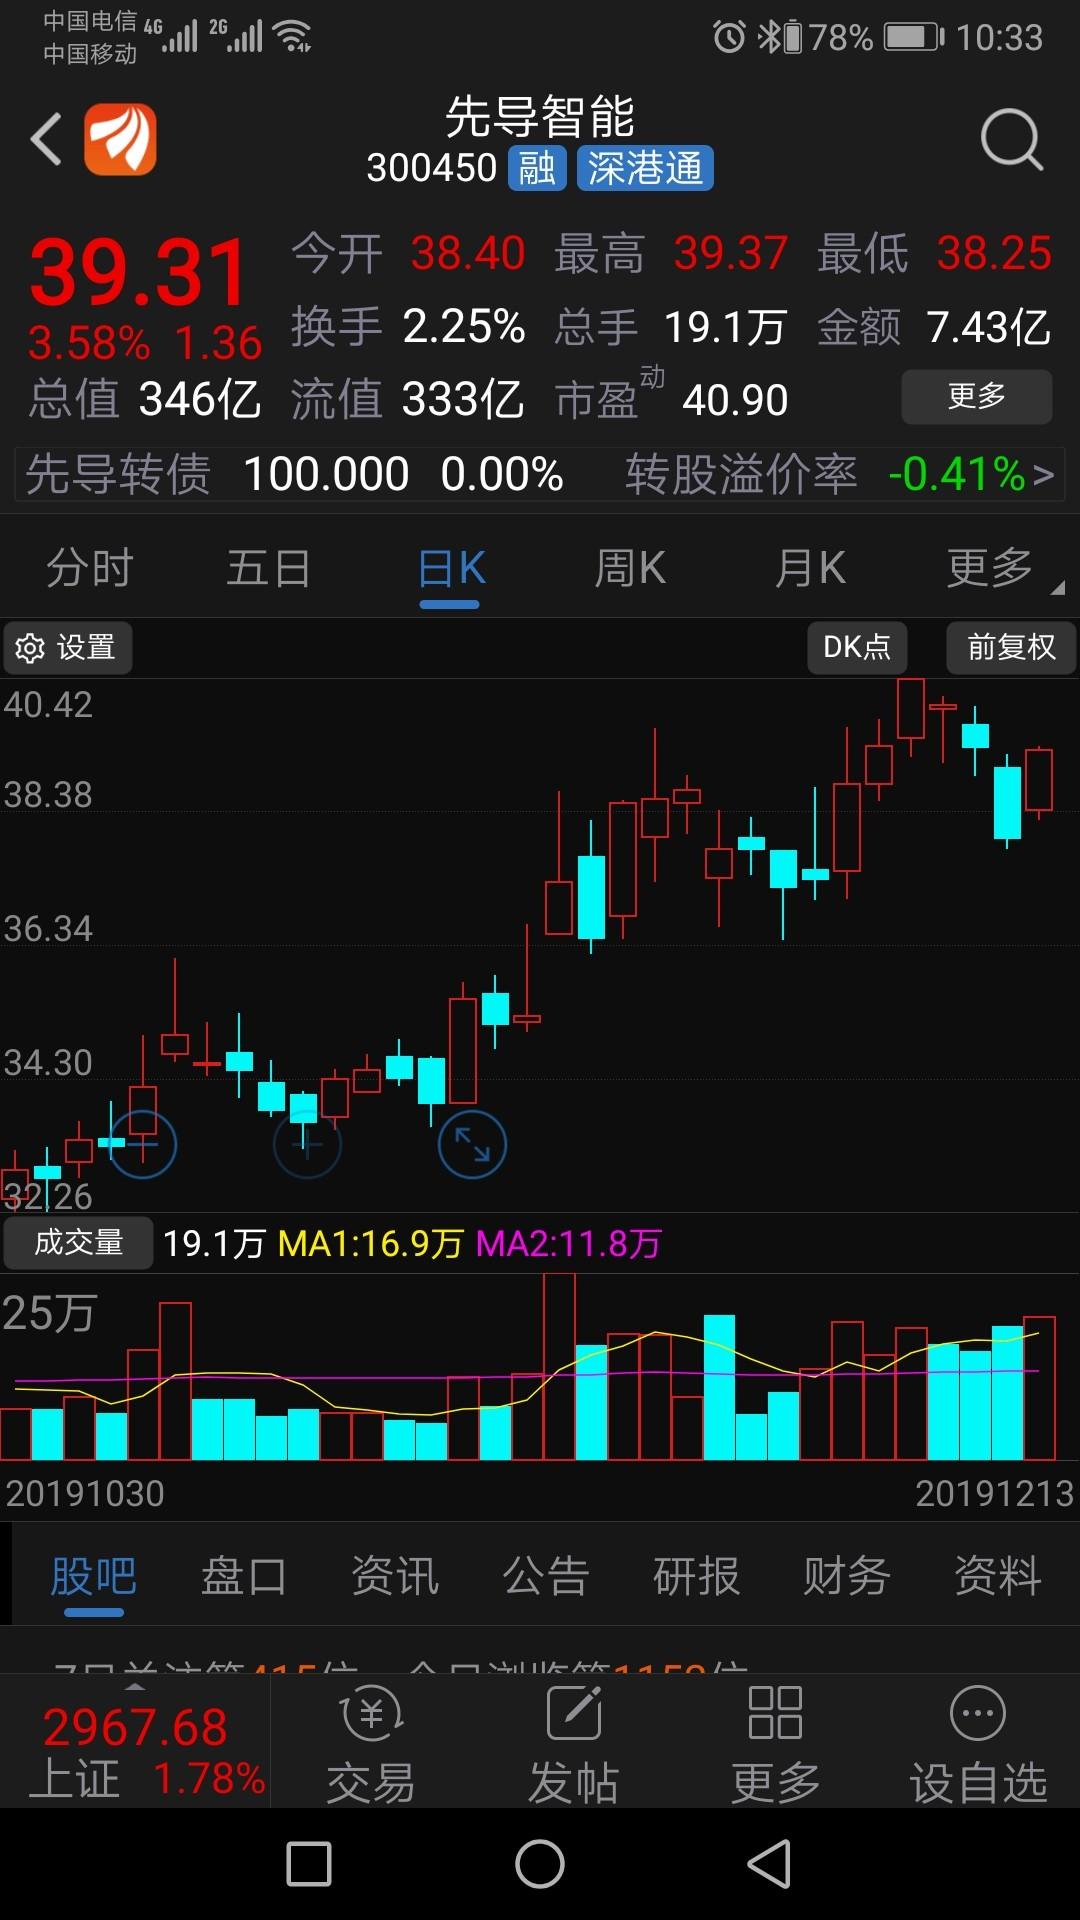 先导智能 43.35 1.35(3.21%)股票行情_行情中心_财经_凤凰网